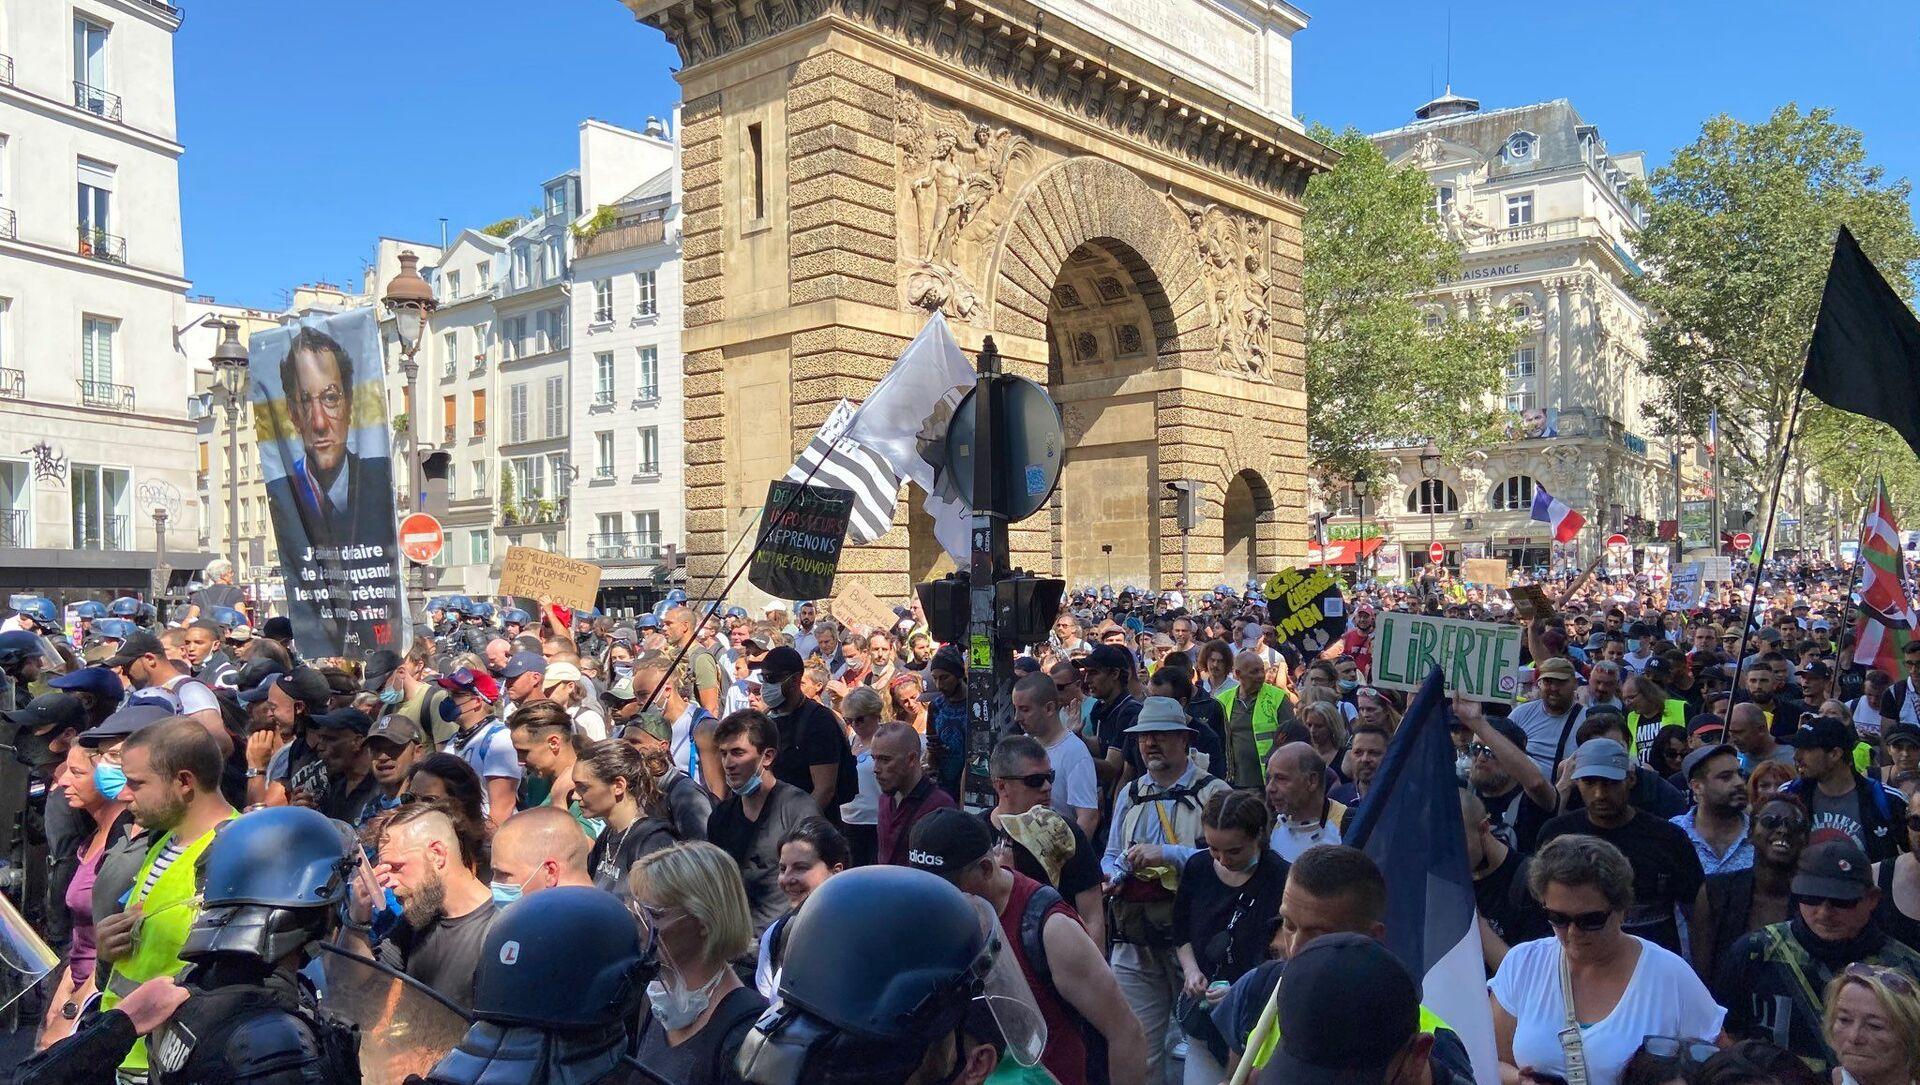 Manifestation contre le pass sanitaire à Paris, 14 août 2021 - Sputnik France, 1920, 14.08.2021